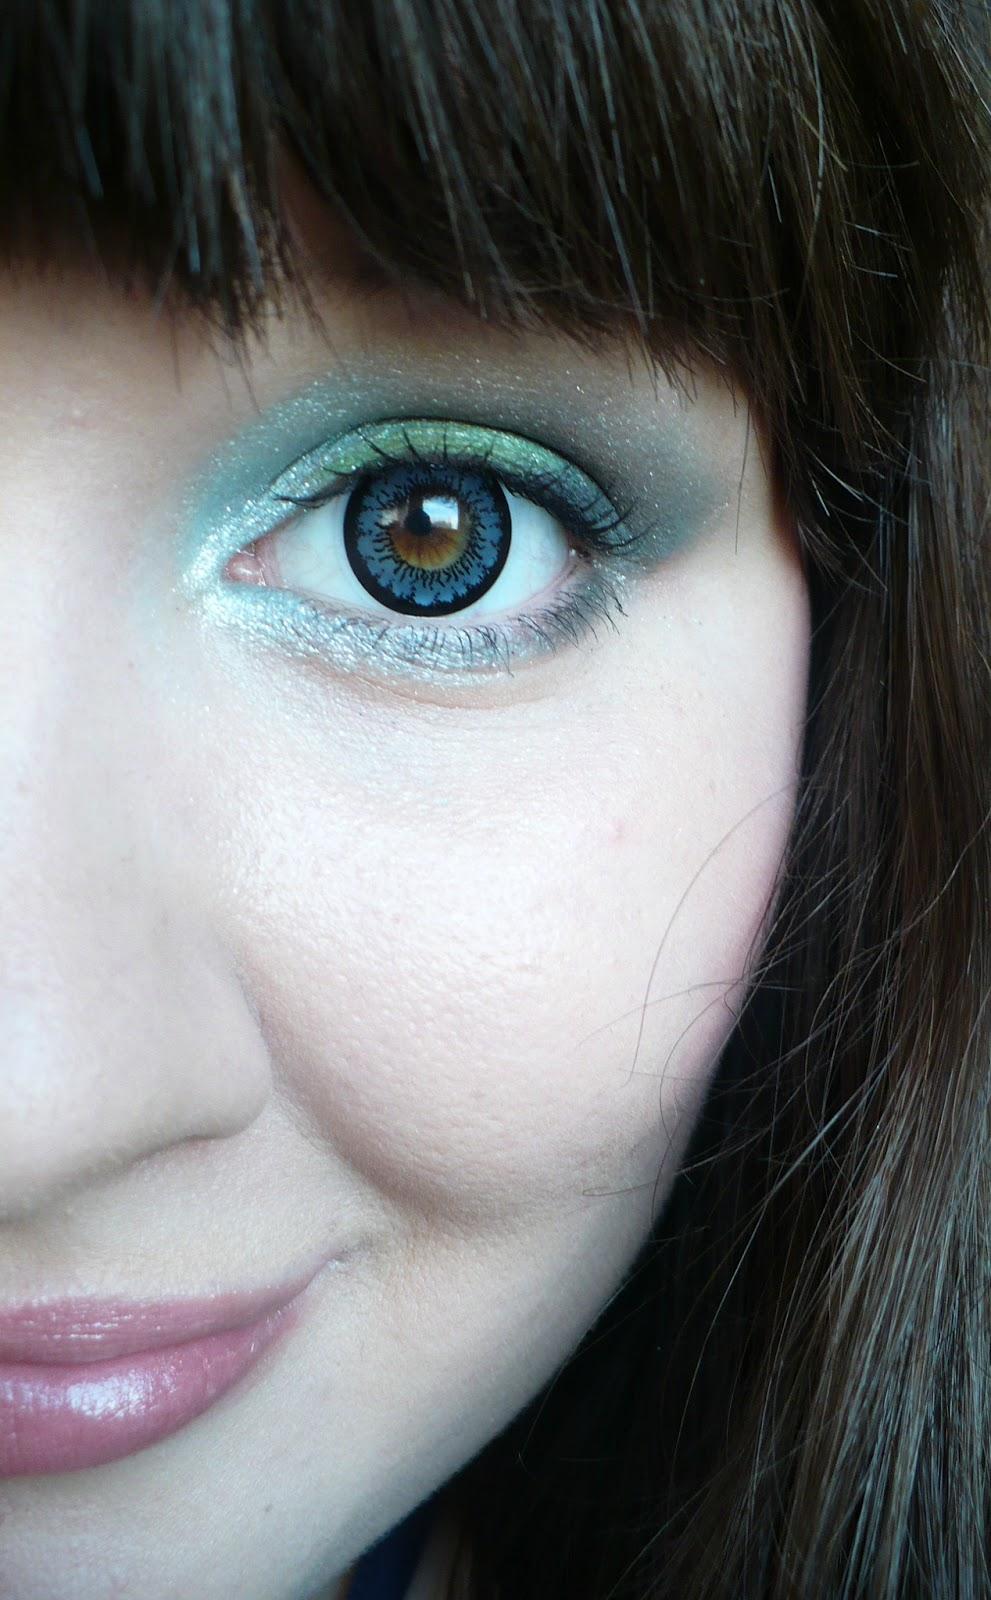 97c55327d Zkusila jsem cvaknout i detail oka. Asi jste poznaly, že jsem si barvu očí  změnila barevnýma čočkama. Byla to moje první zkušenost a můžu vám říct, ...